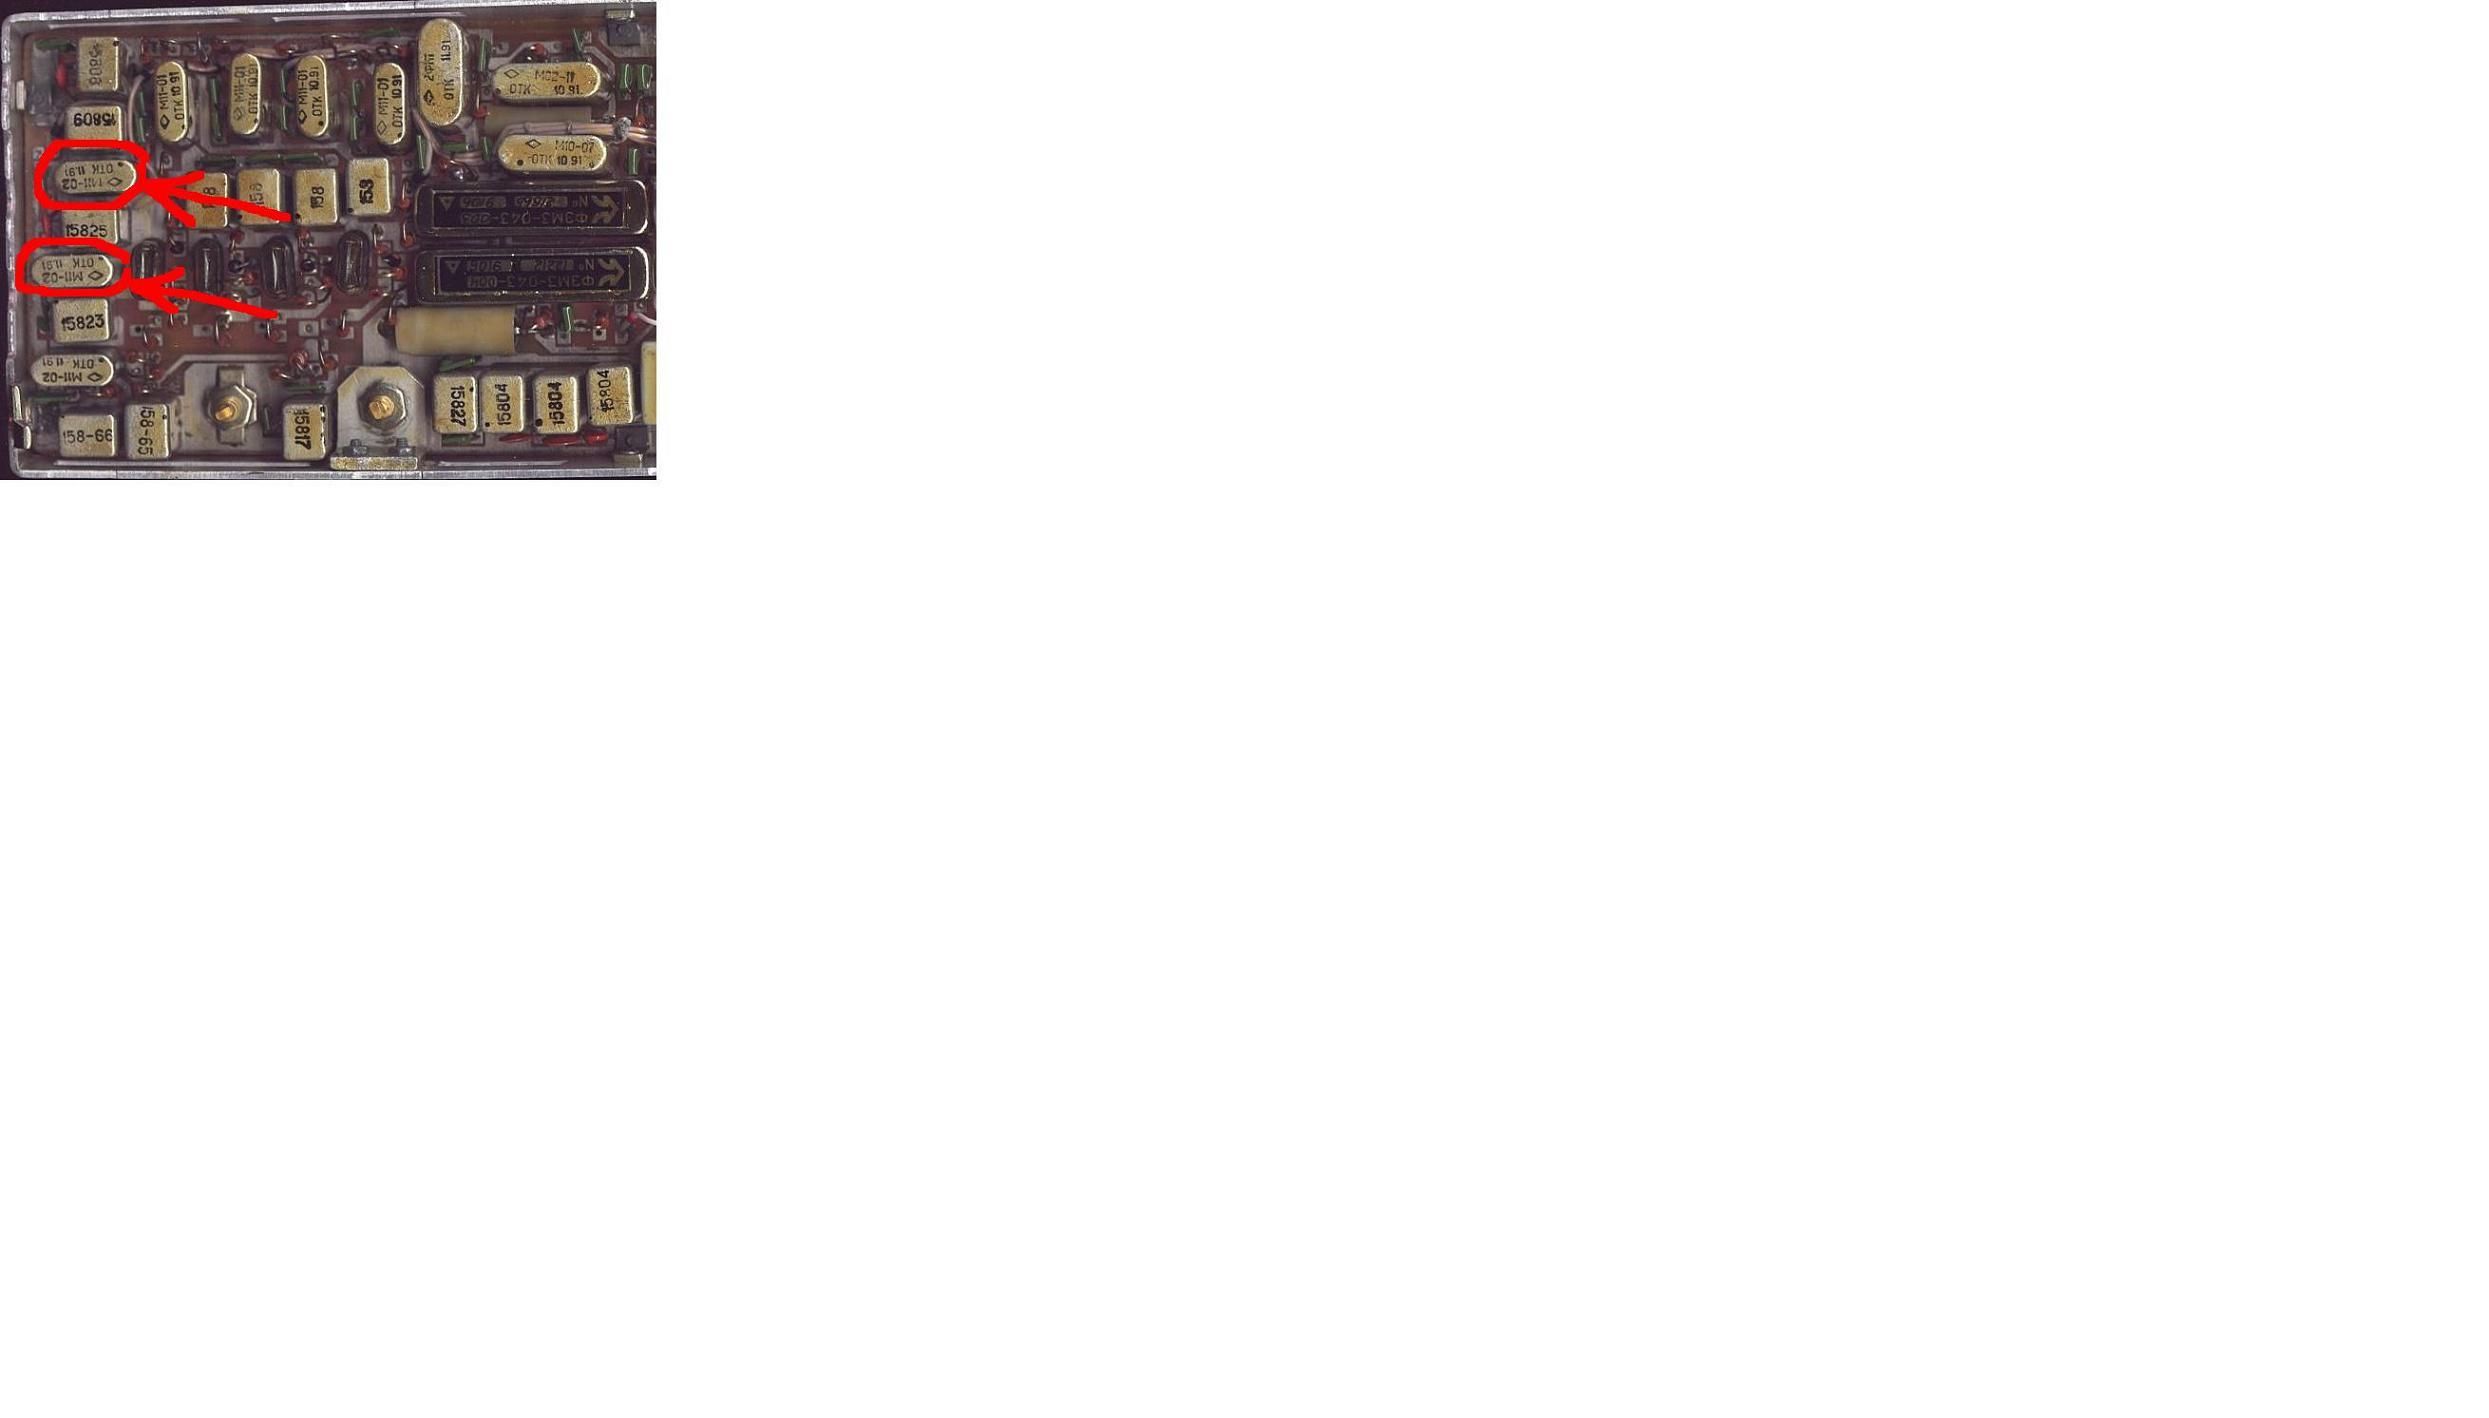 схема радиостанции р-838 виола схема радиостанции р-838 виола